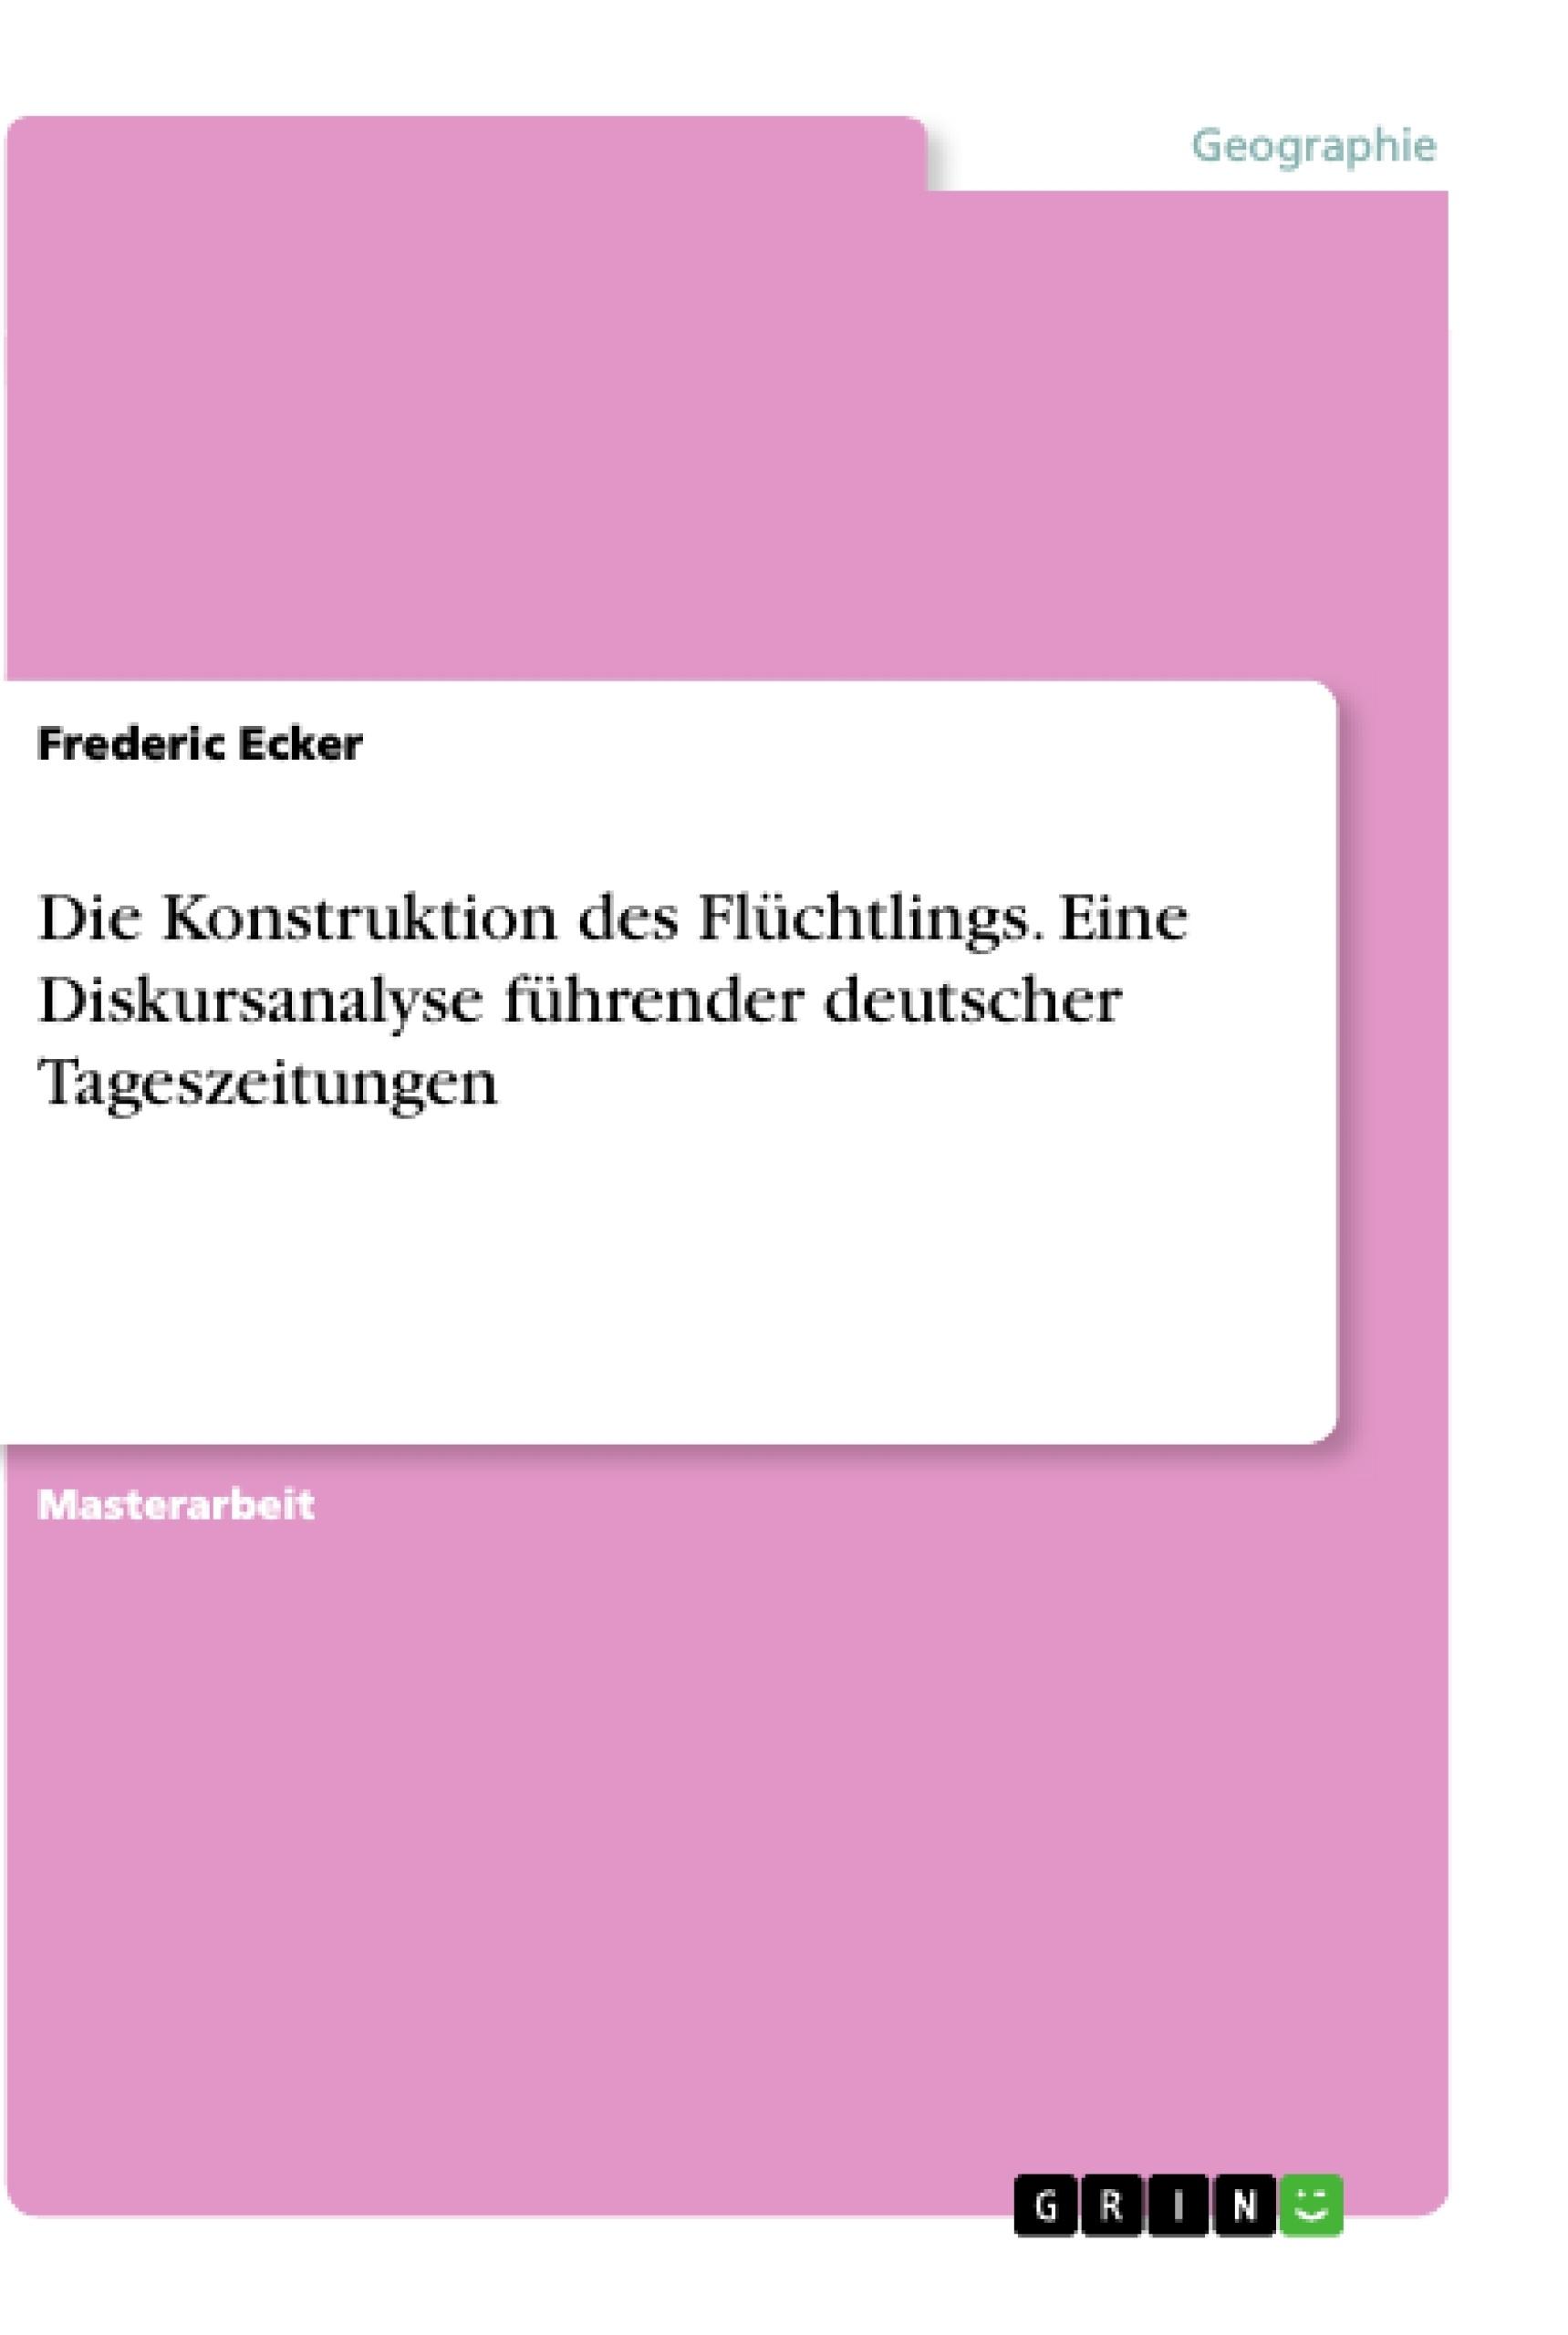 Titel: Die Konstruktion des Flüchtlings. Eine Diskursanalyse führender deutscher Tageszeitungen